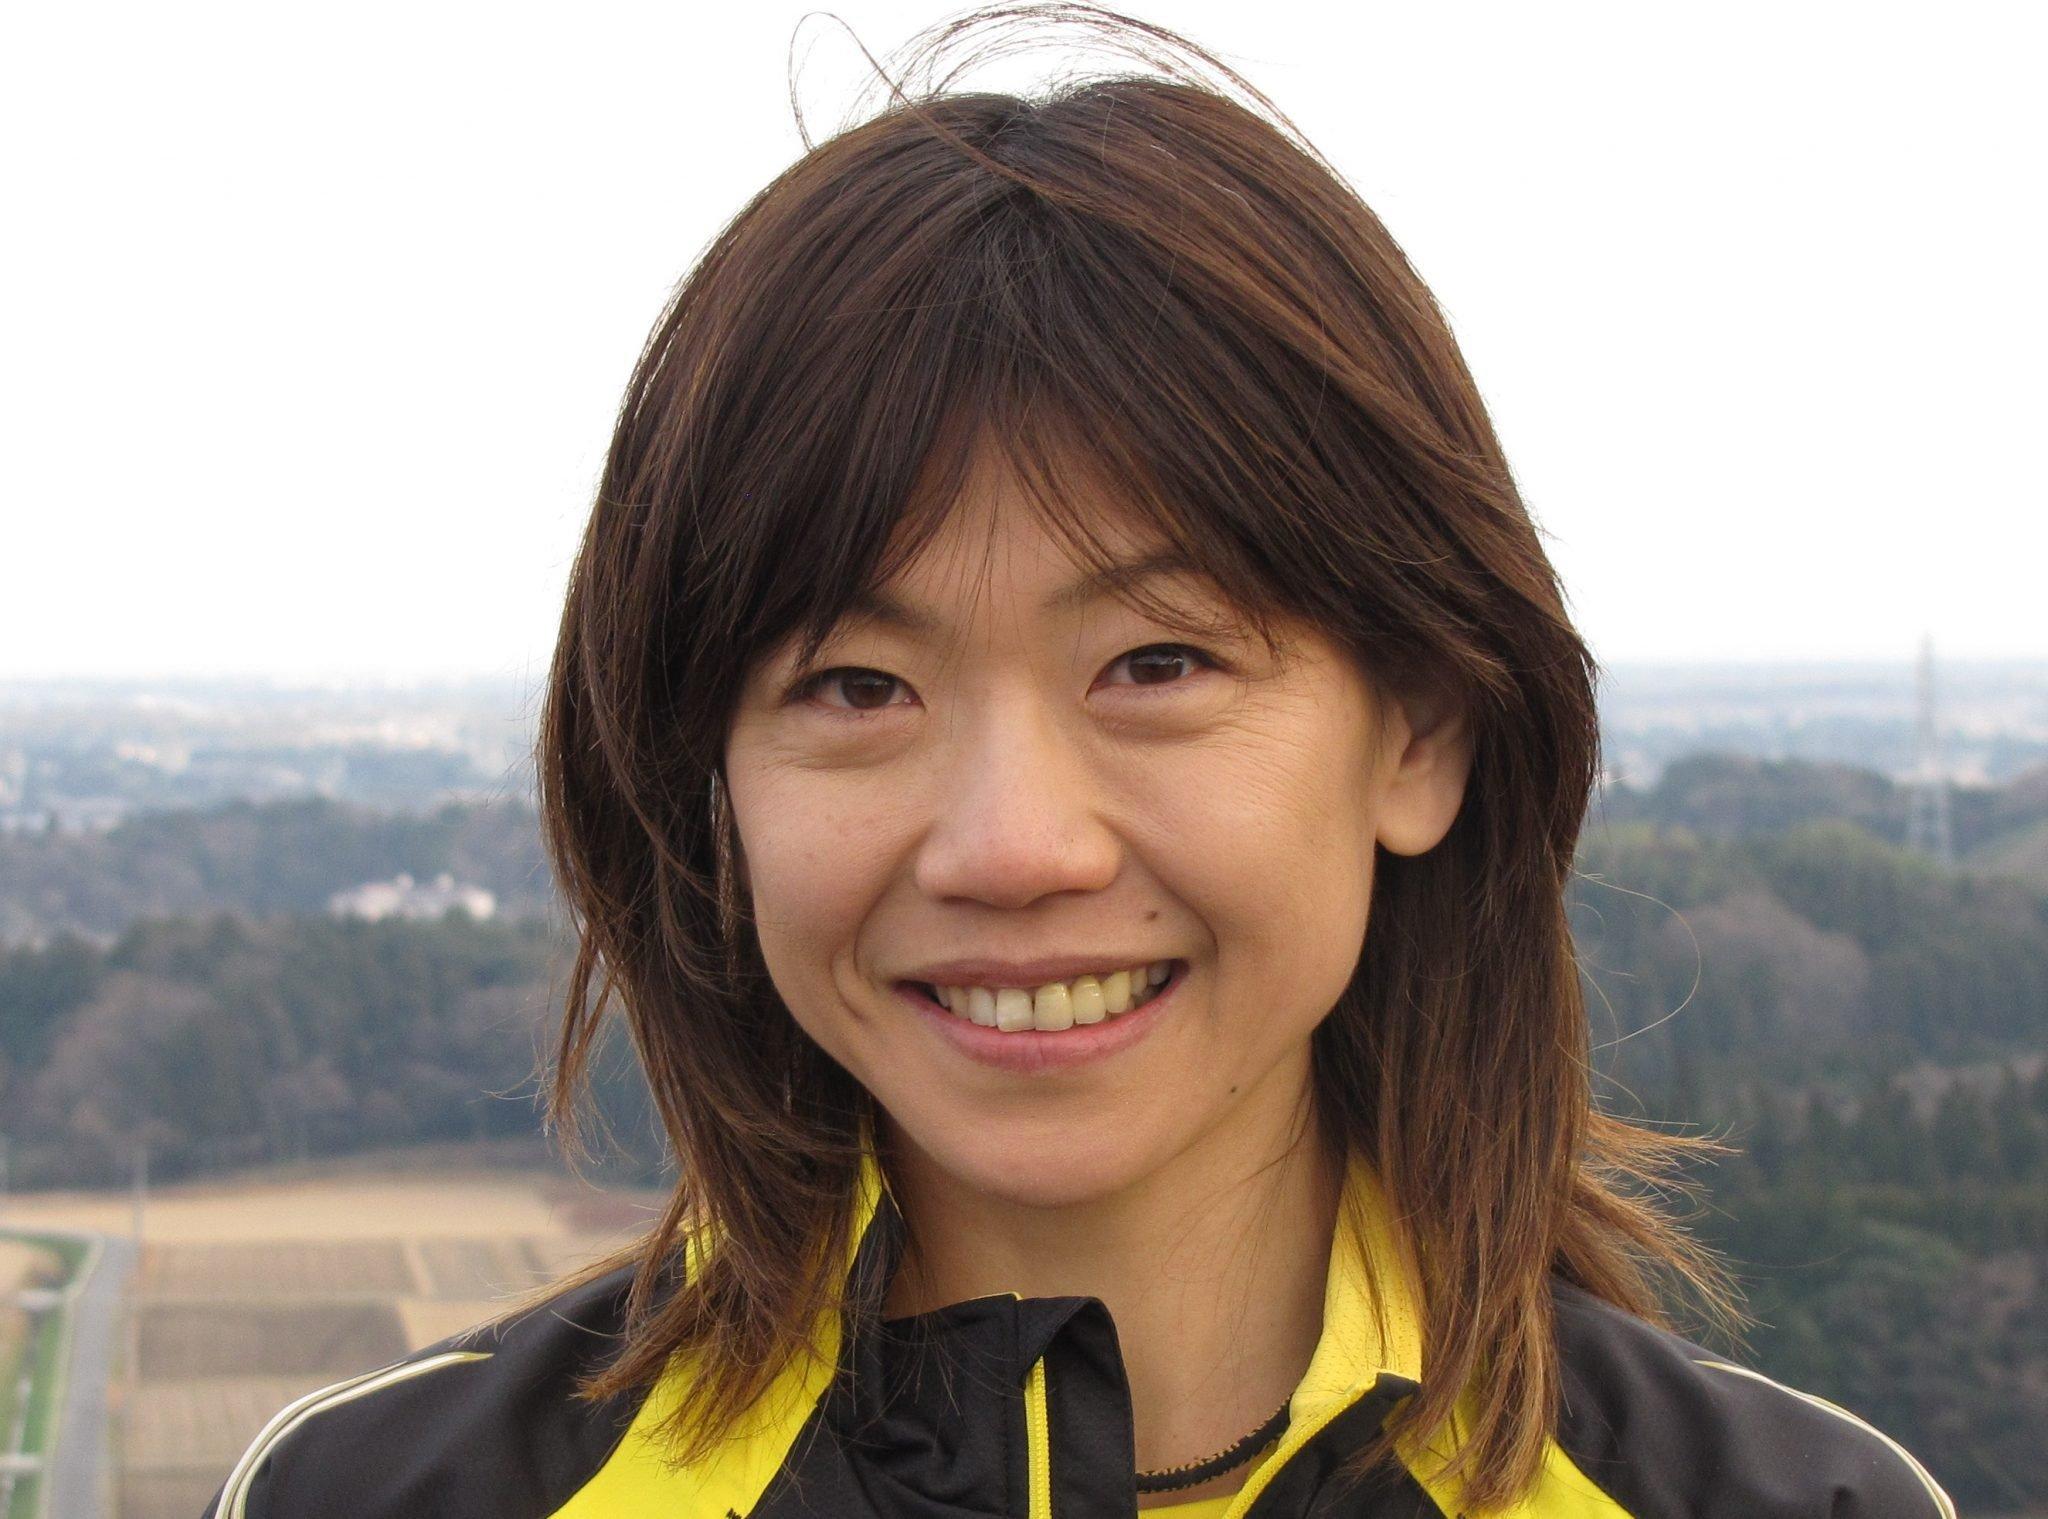 「高橋尚子」の画像検索結果